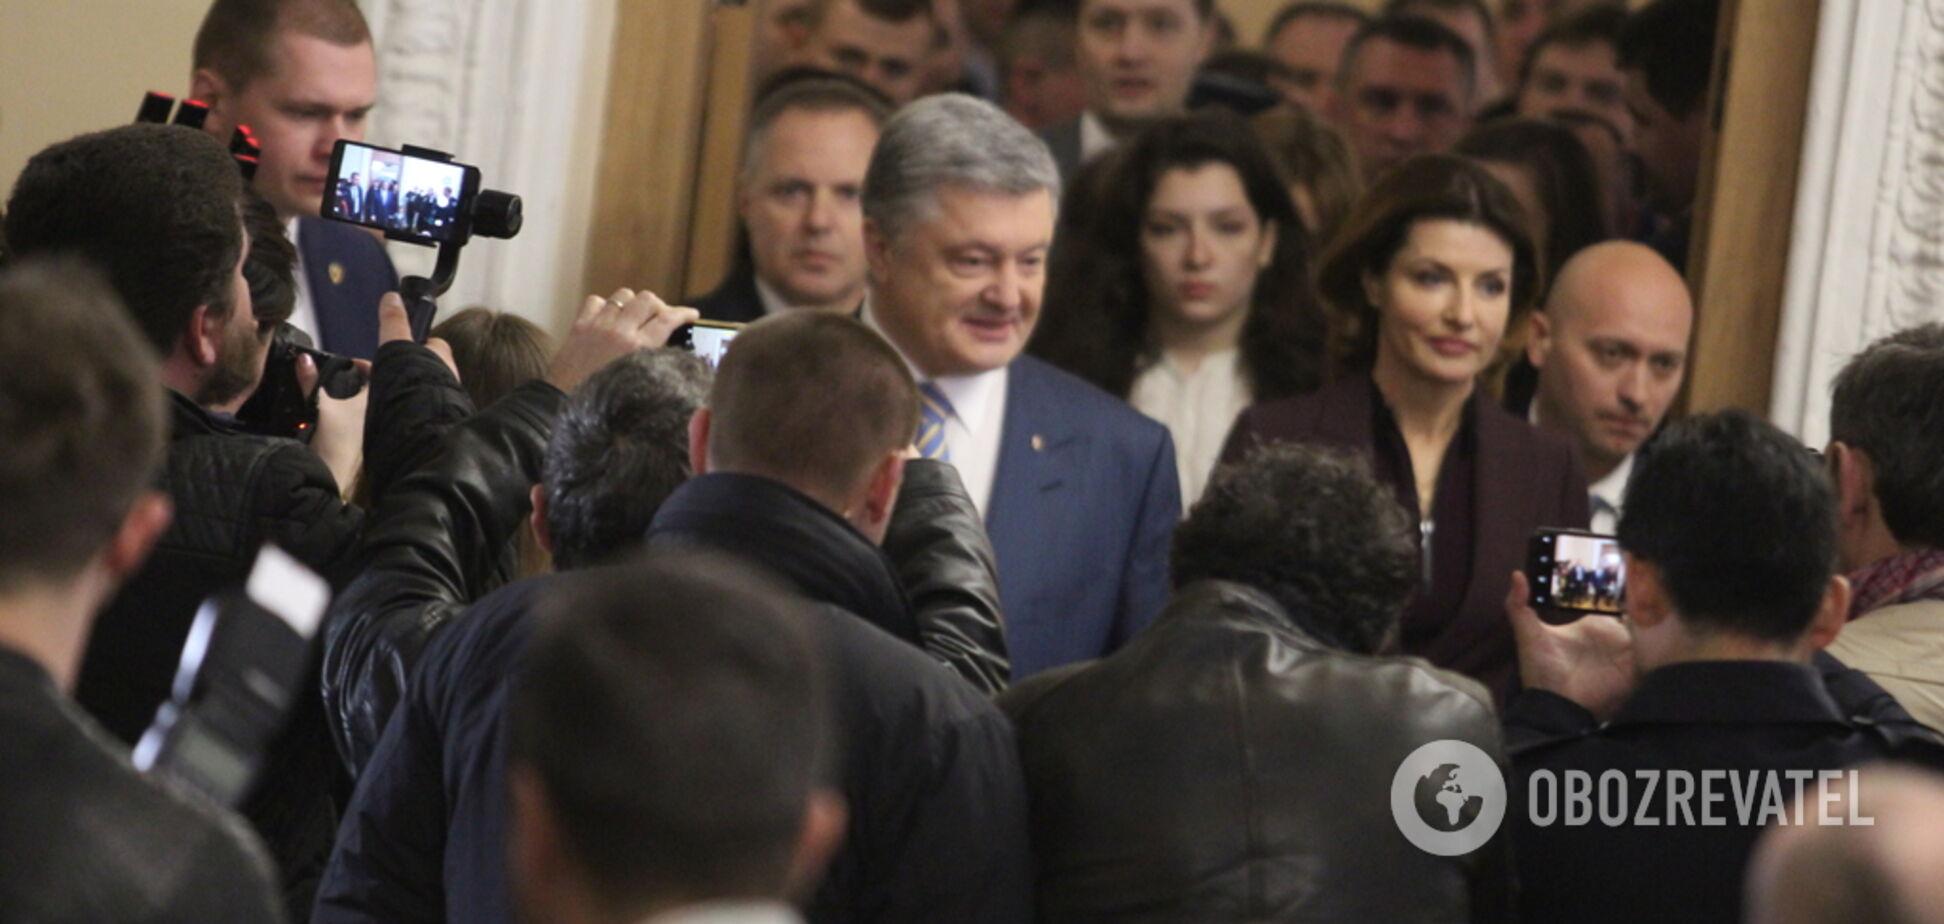 'По приколу': у Порошенка зробили свою ставку на другий тур виборів президента